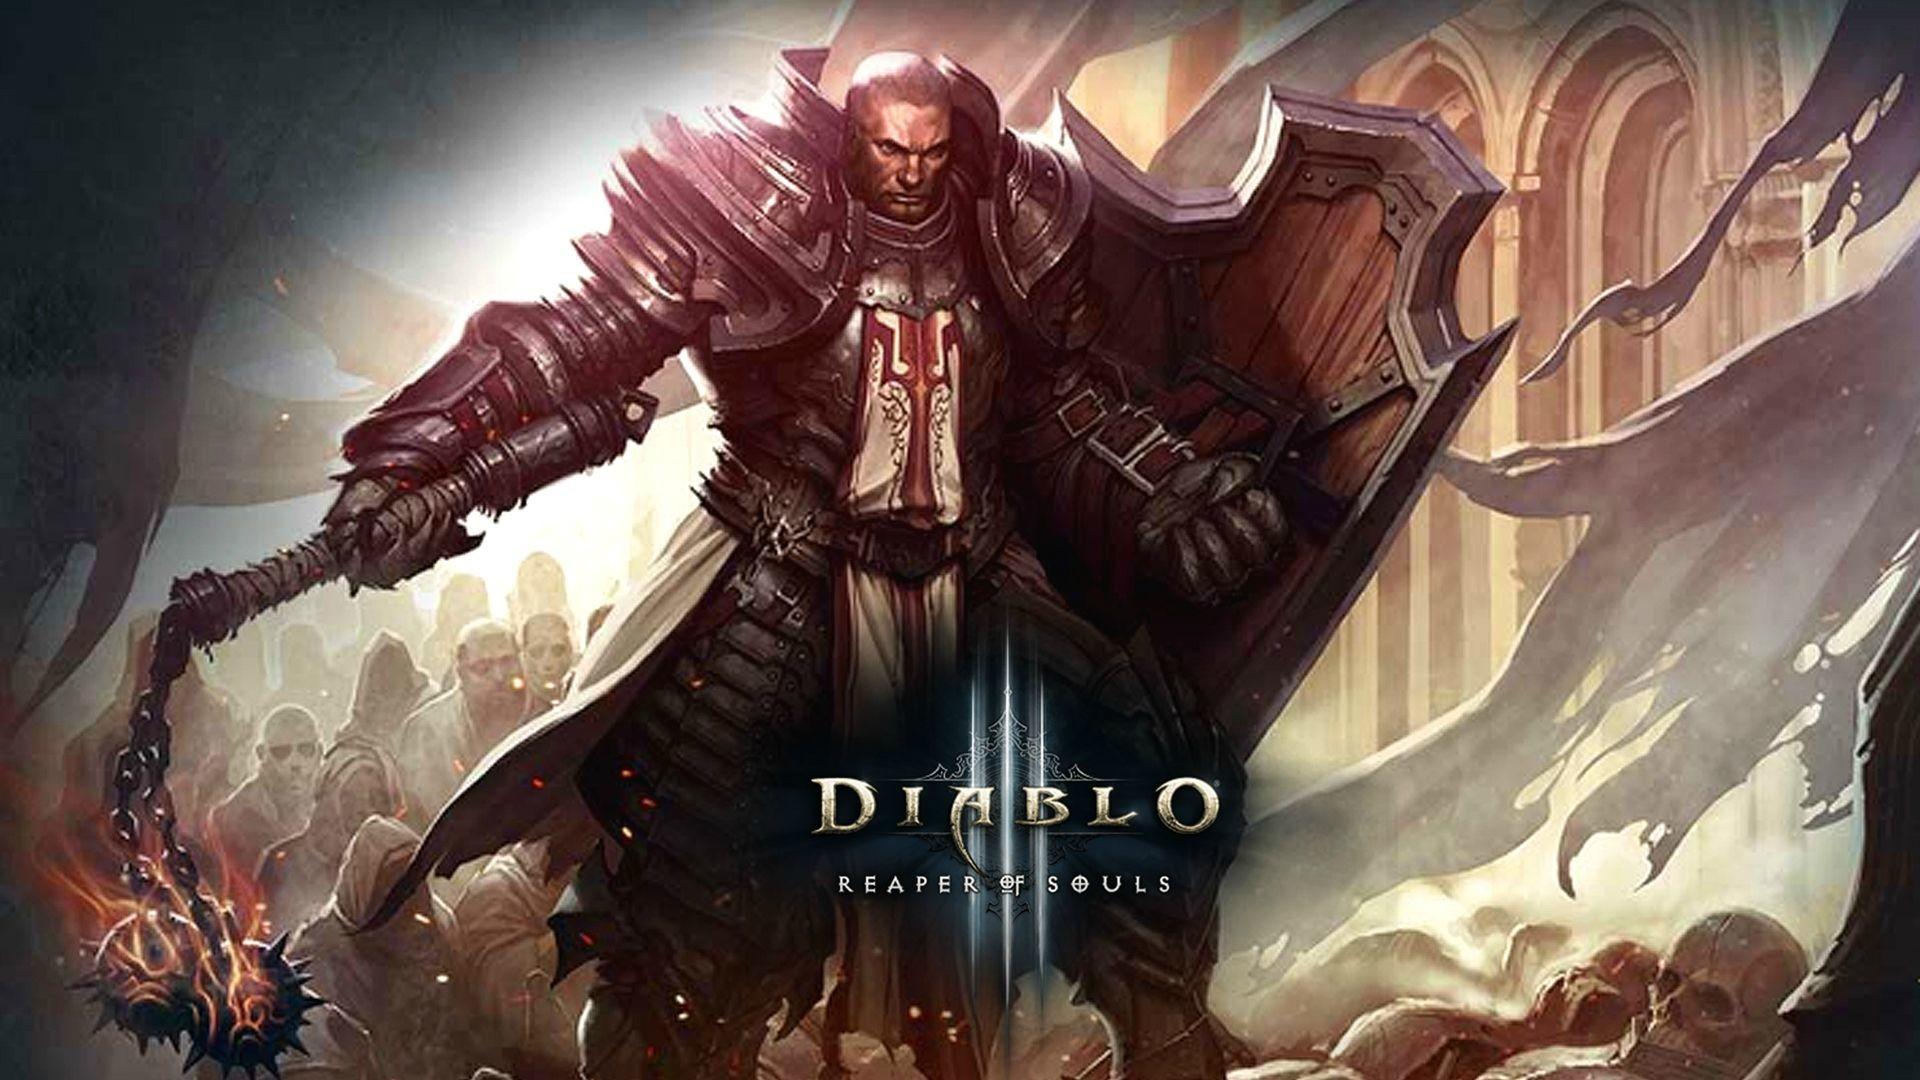 Diablo 3 Wallpaper 1920x1080: Crusader Wallpaper HD (72+ Images